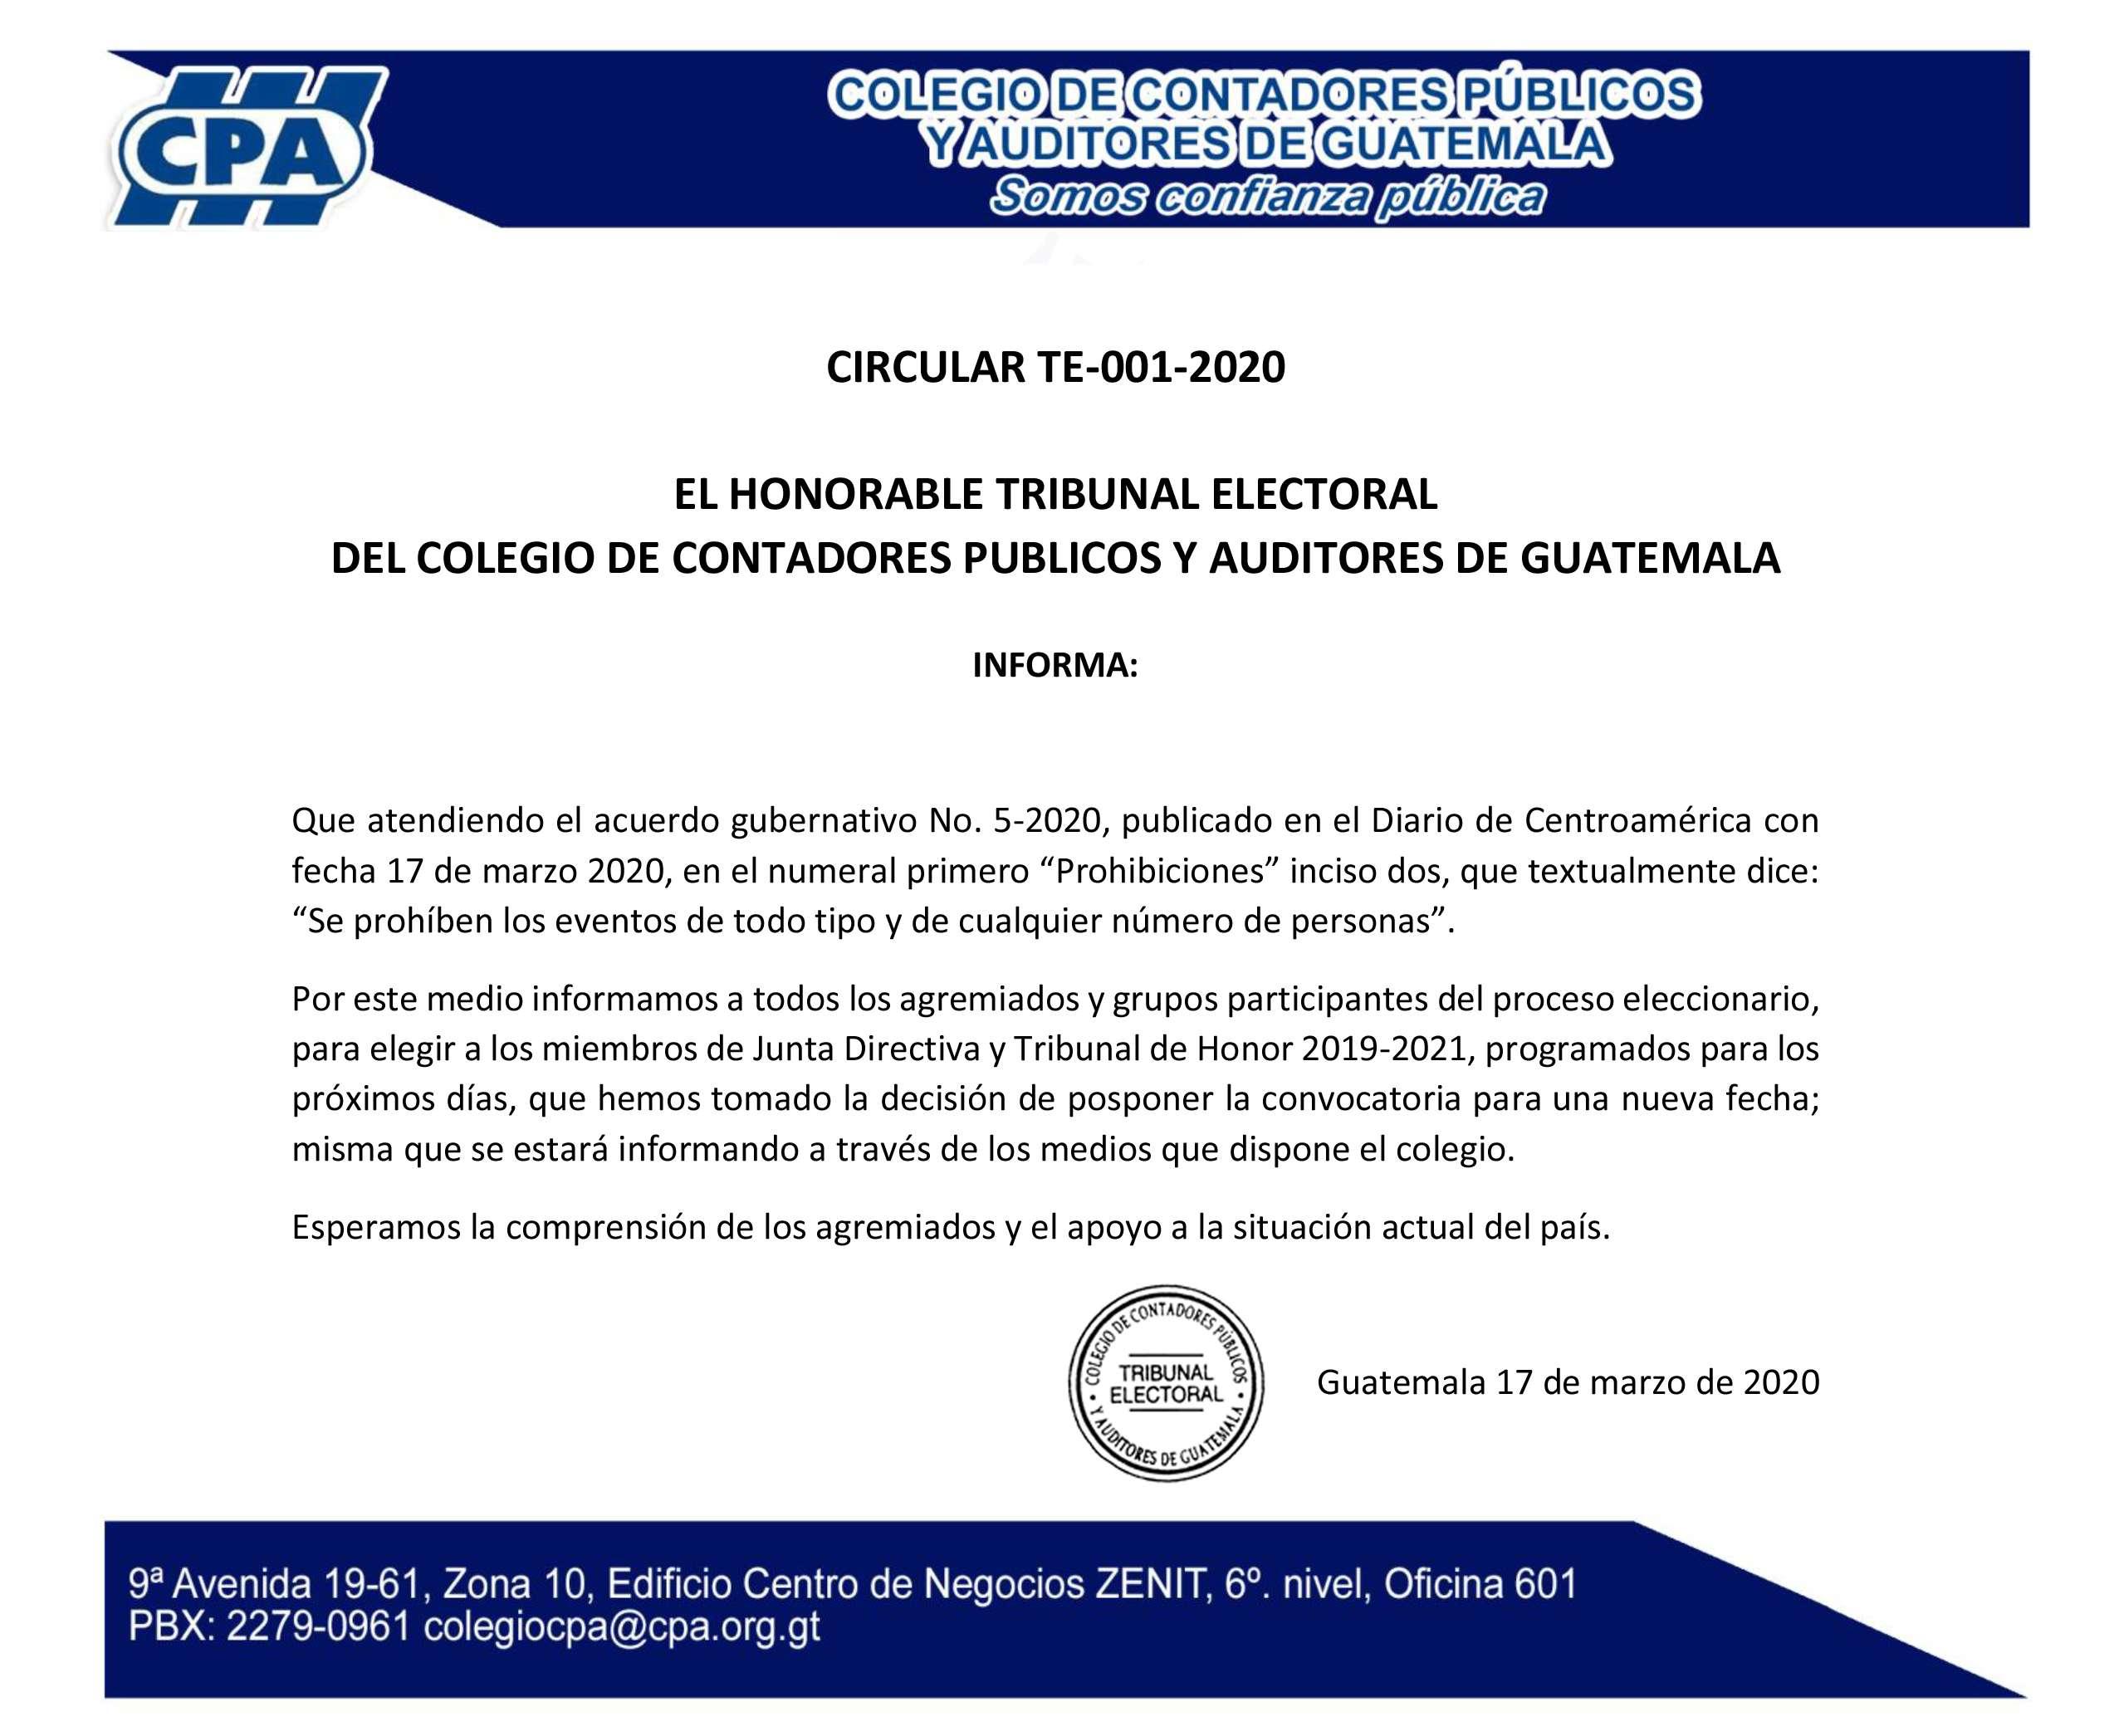 CIRCULAR TE-001-2020